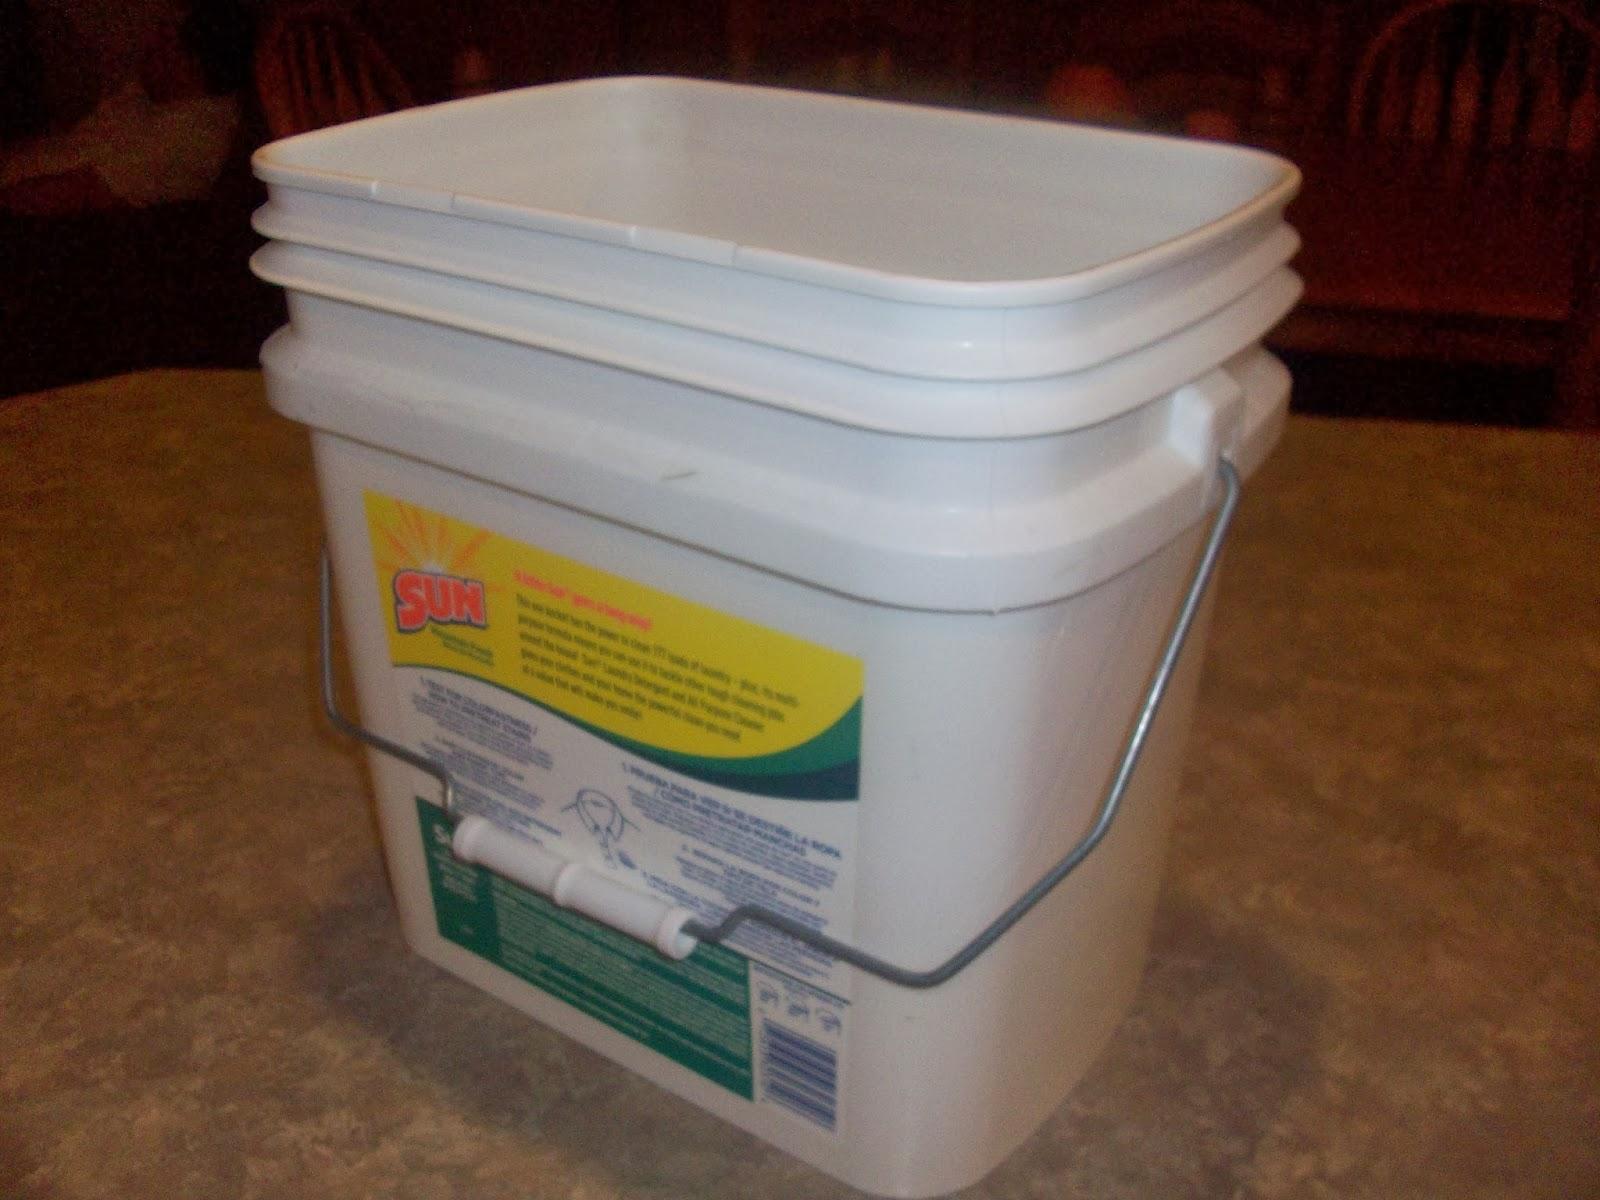 BigFamiliesBigIdeas 101 Ways to Reuse Your Empty Laundry Soap